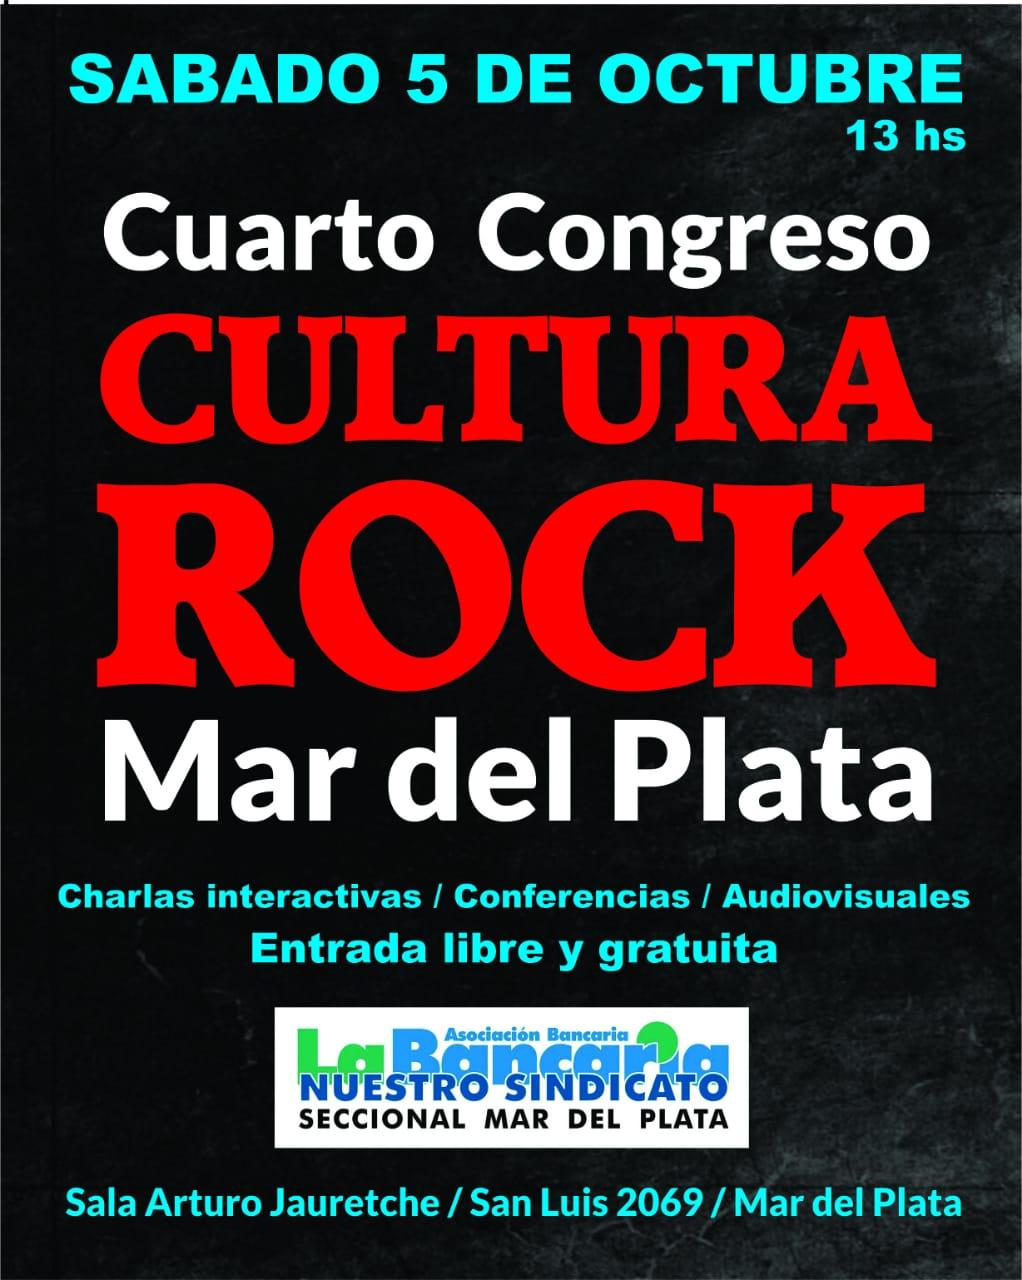 """""""SE REALIZARÁ EL IV CONGRESO CULTURA ROCK MAR DEL PLATA"""""""